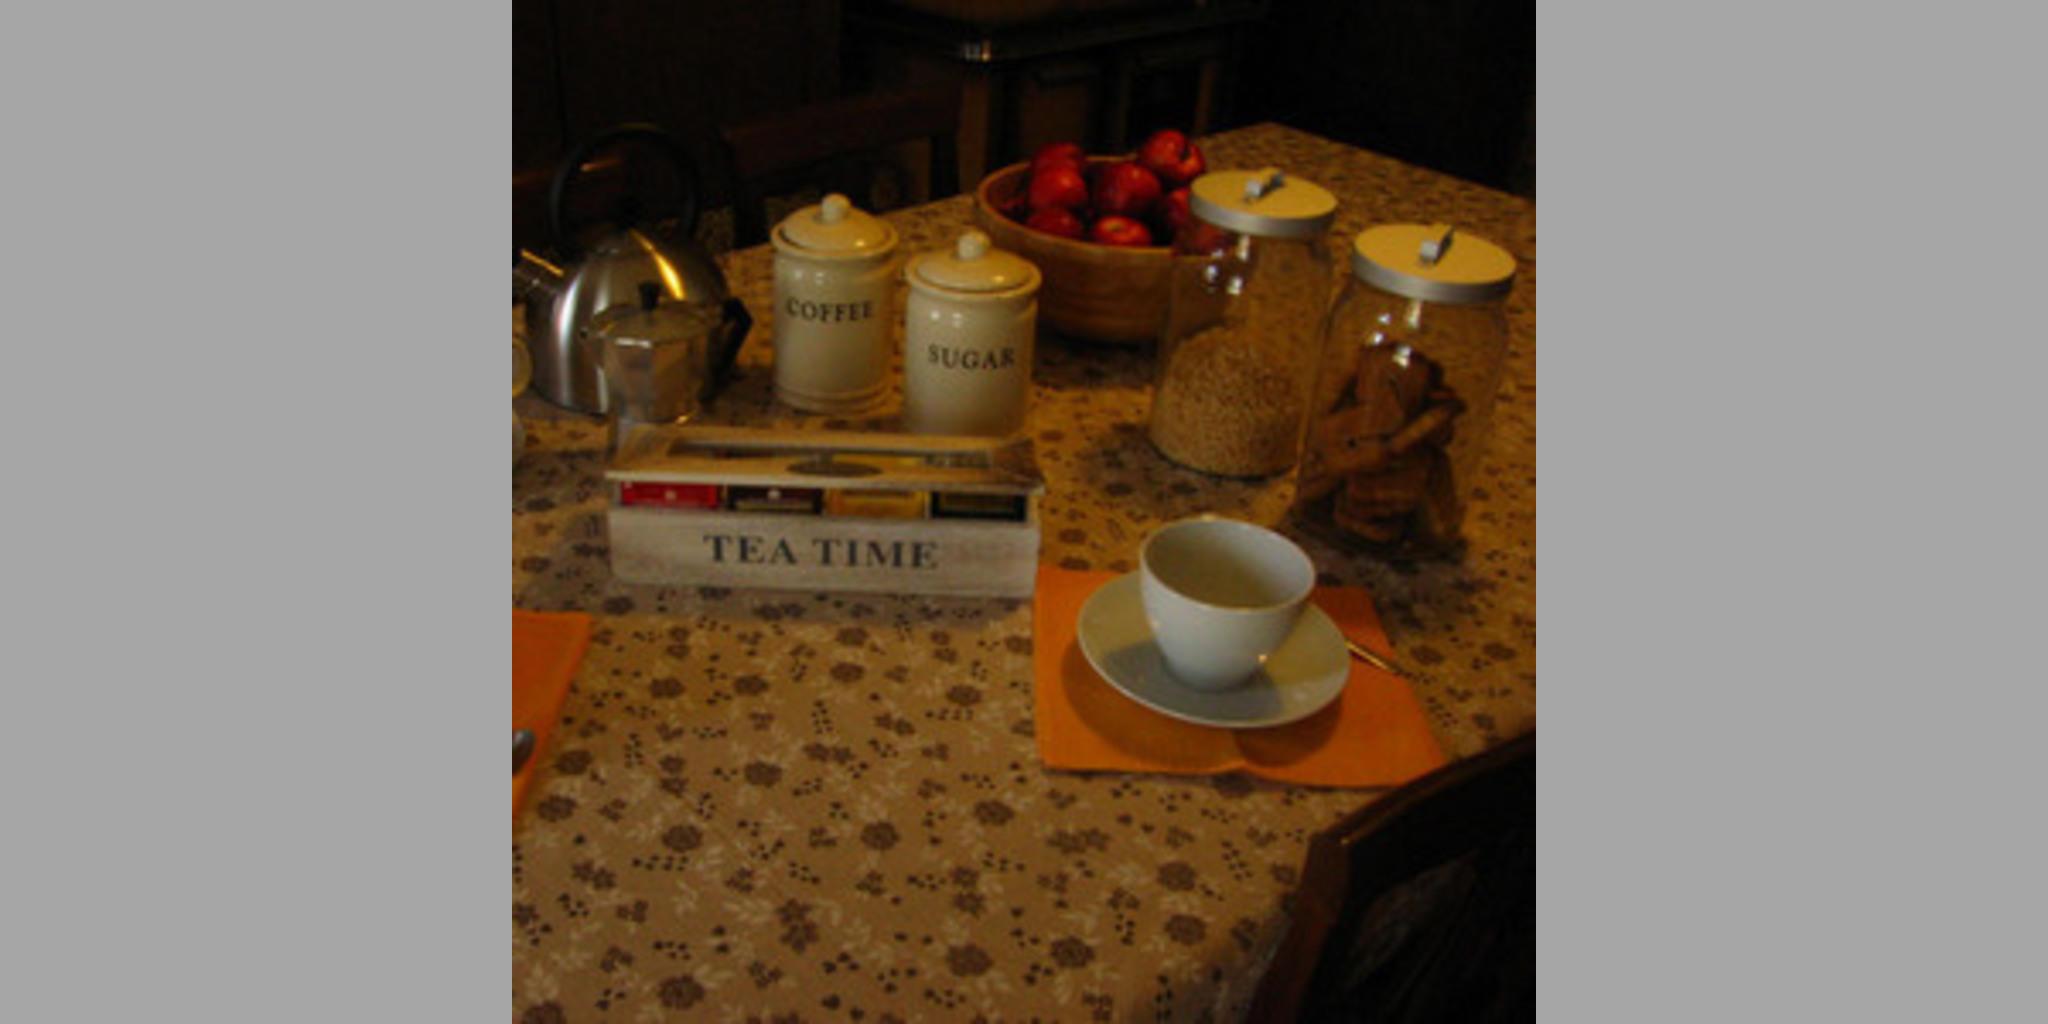 Bed & Breakfast Valeggio Sul Mincio - Salionze